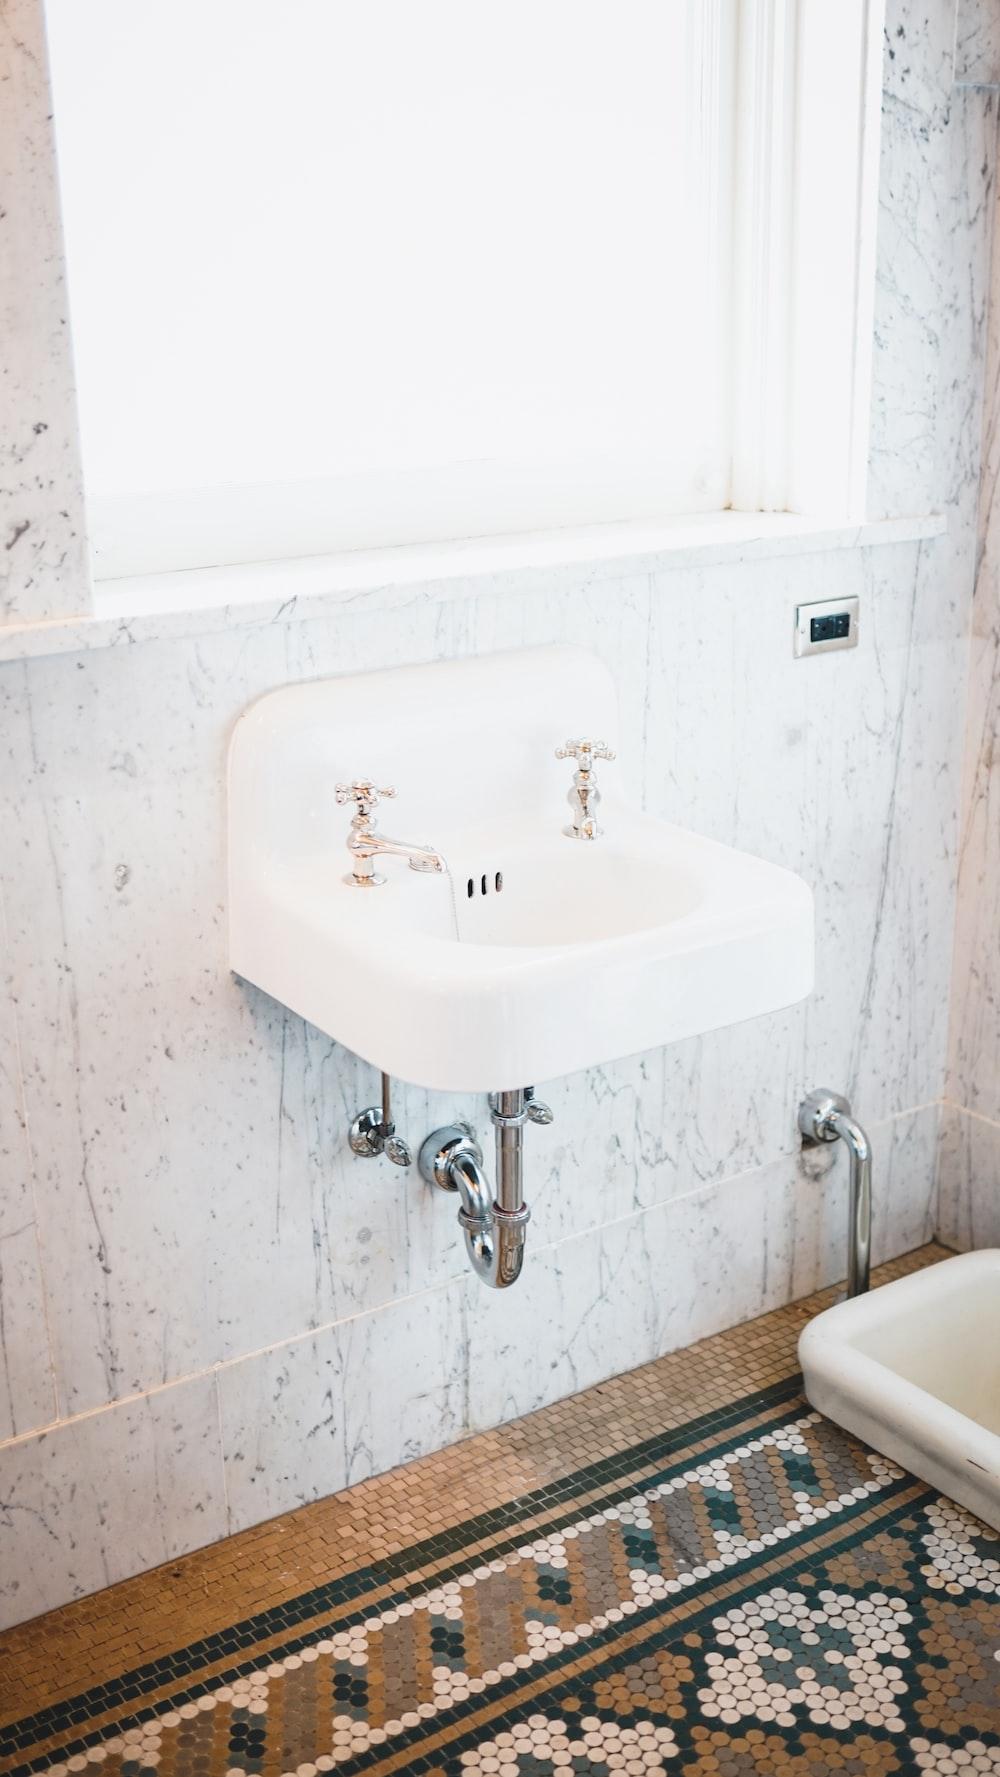 two faucet on sink near window